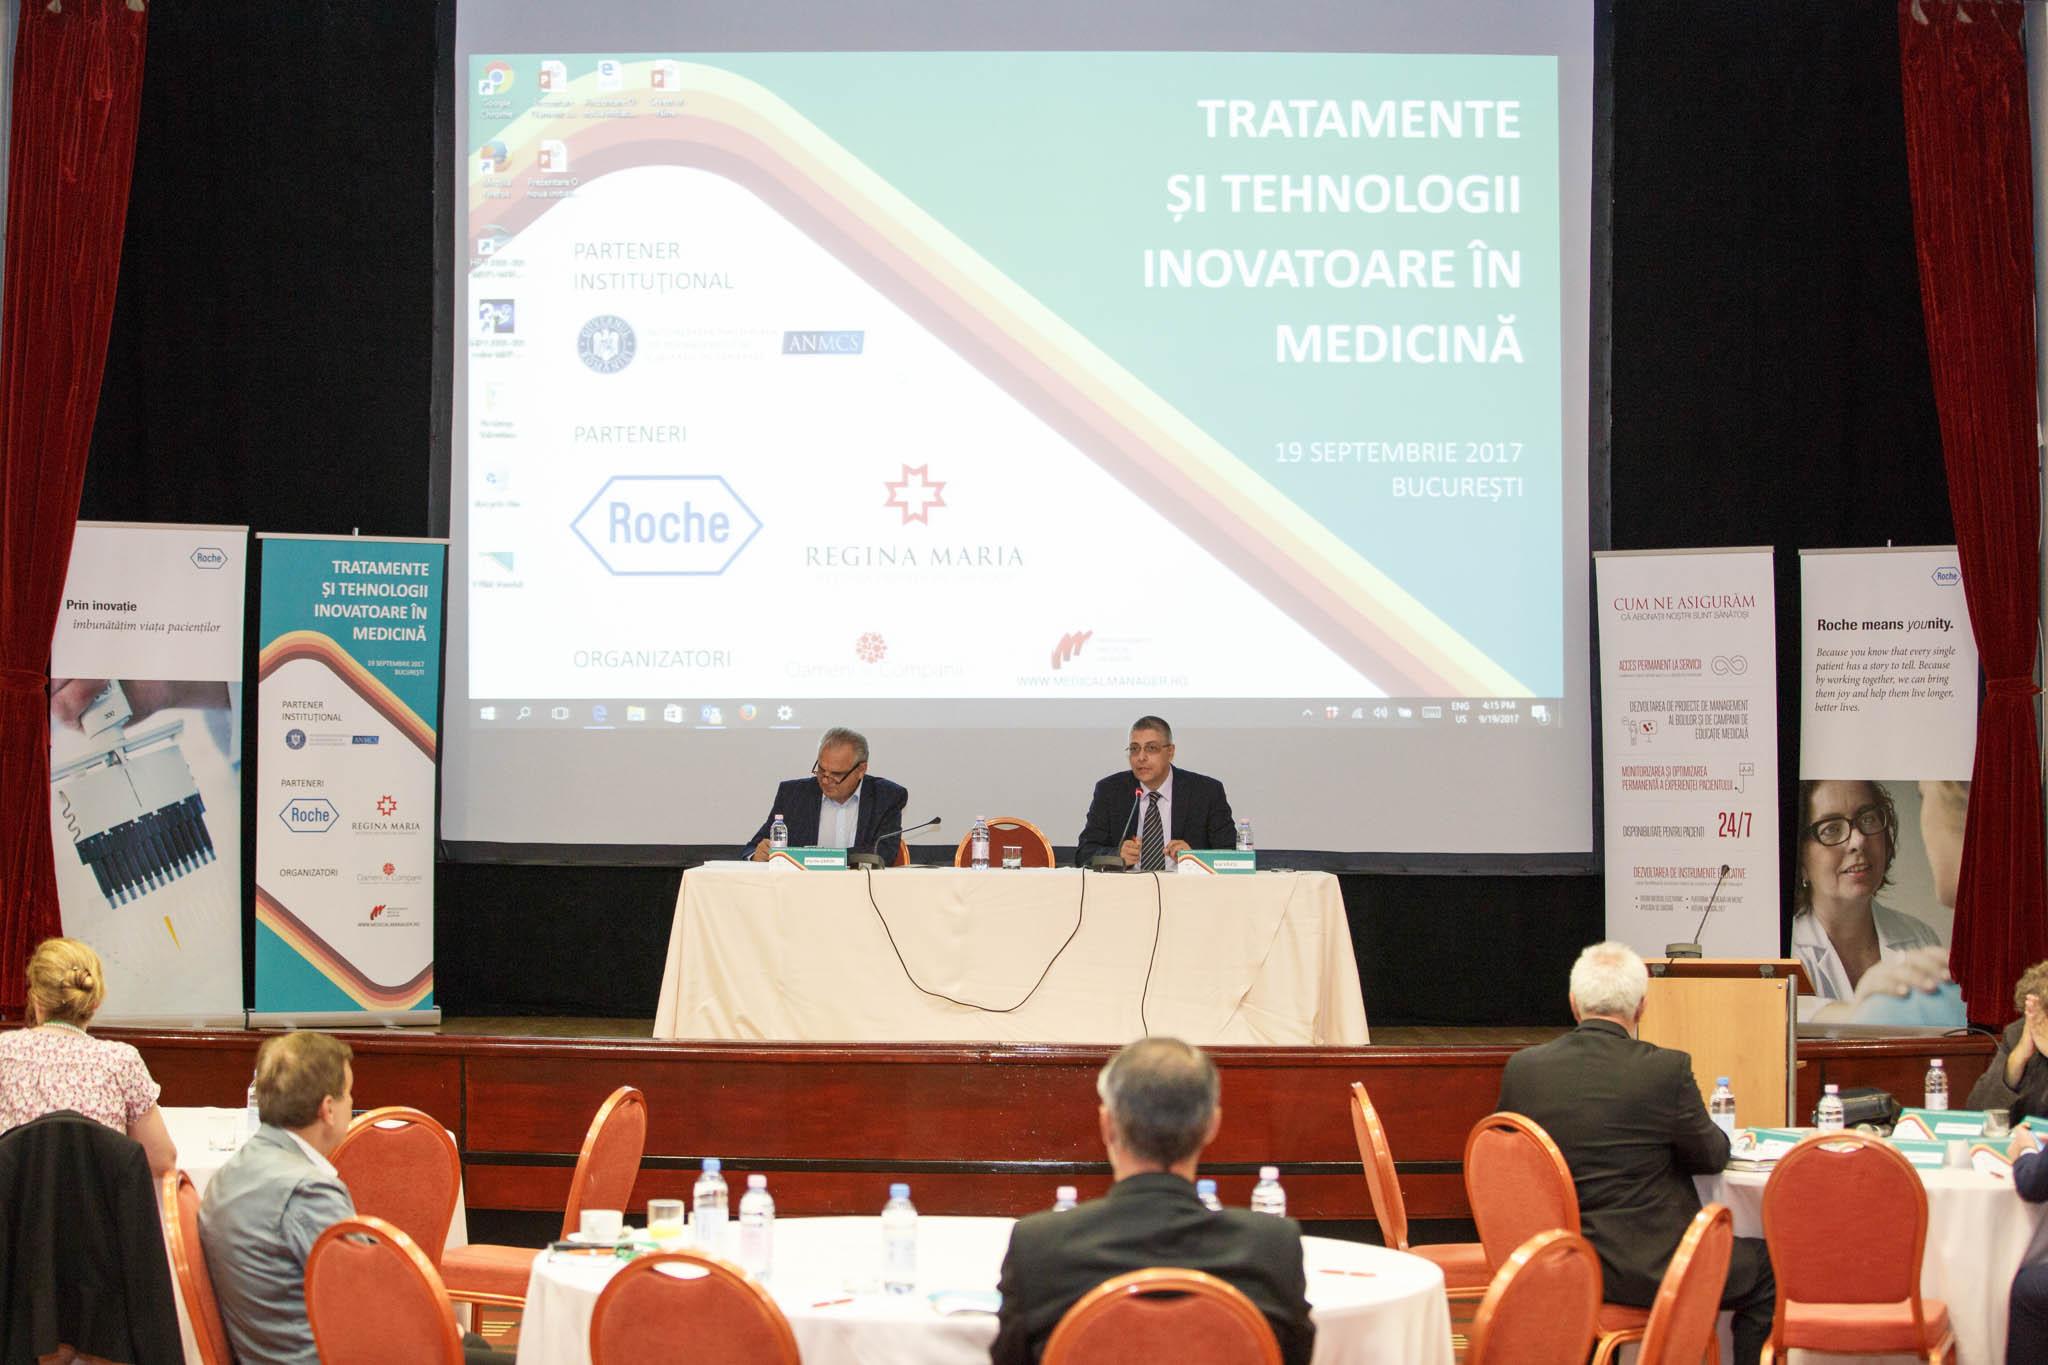 """Rolul inovației în medicină, evidențiat în Conferința """"Tratamente și tehnologii inovatoare în medicină"""" de la București"""